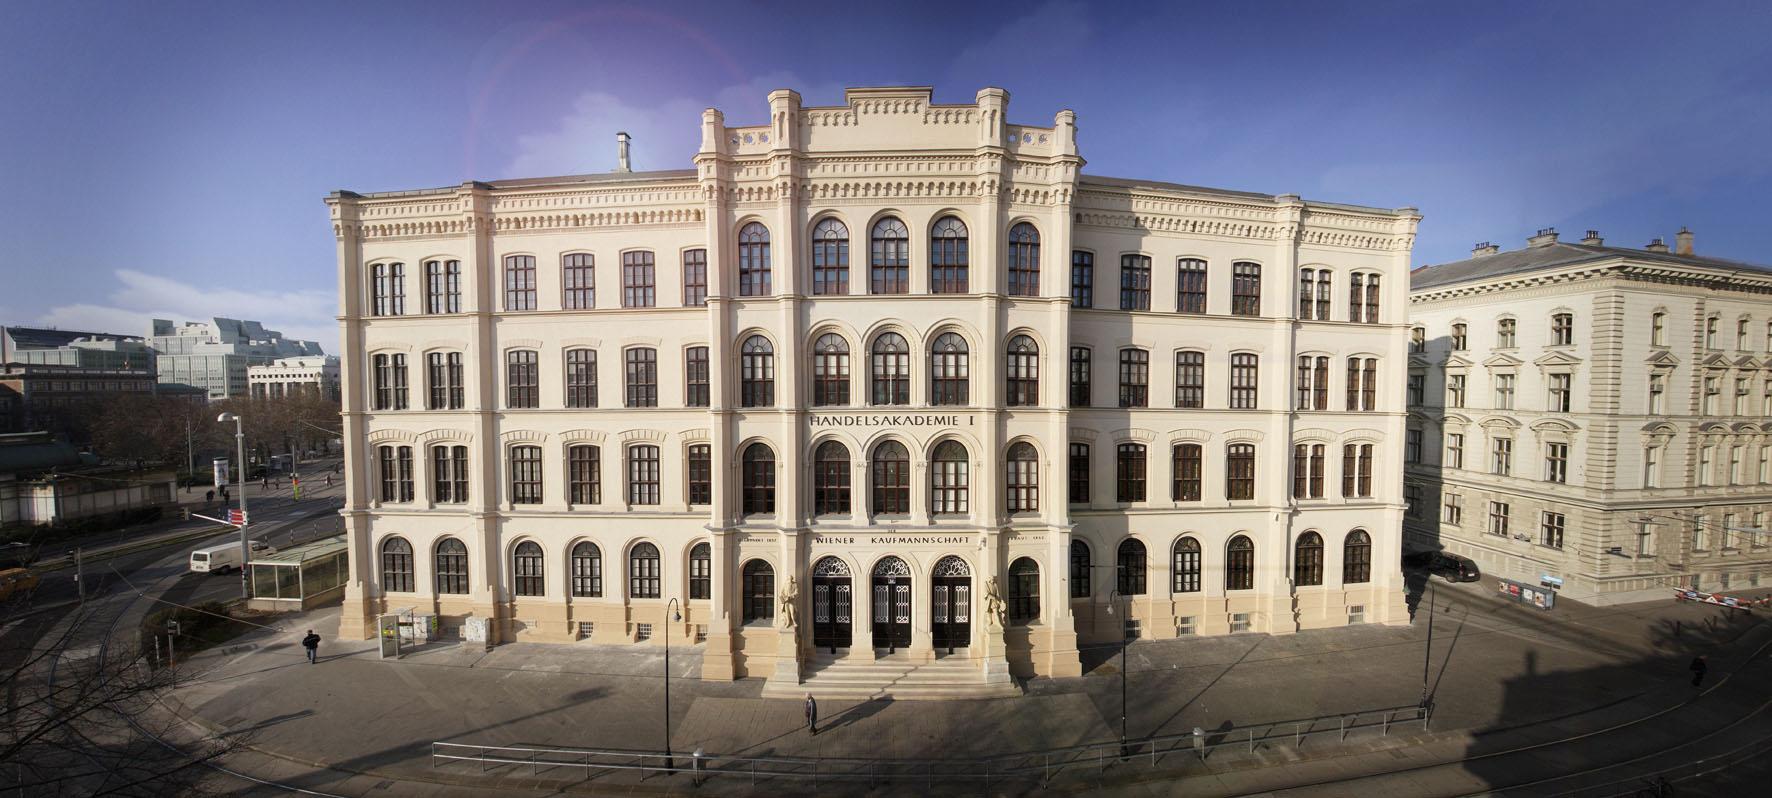 VBS Akademiestraße